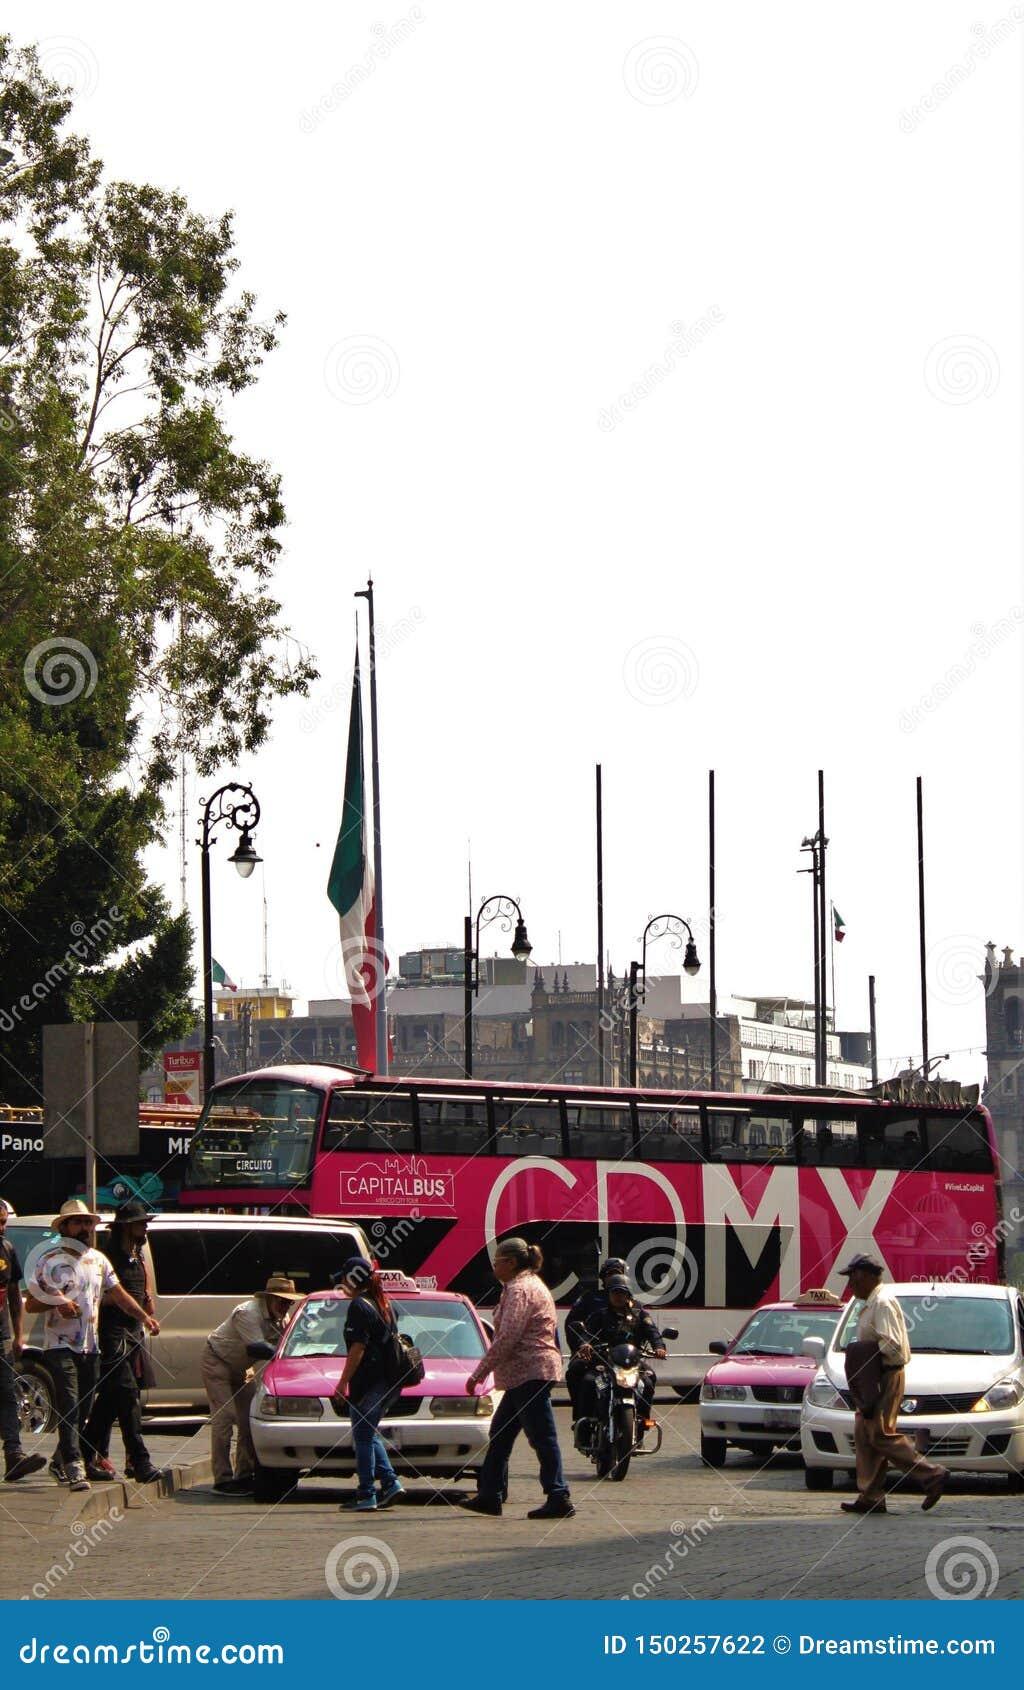 Touristenbus in Mexiko City